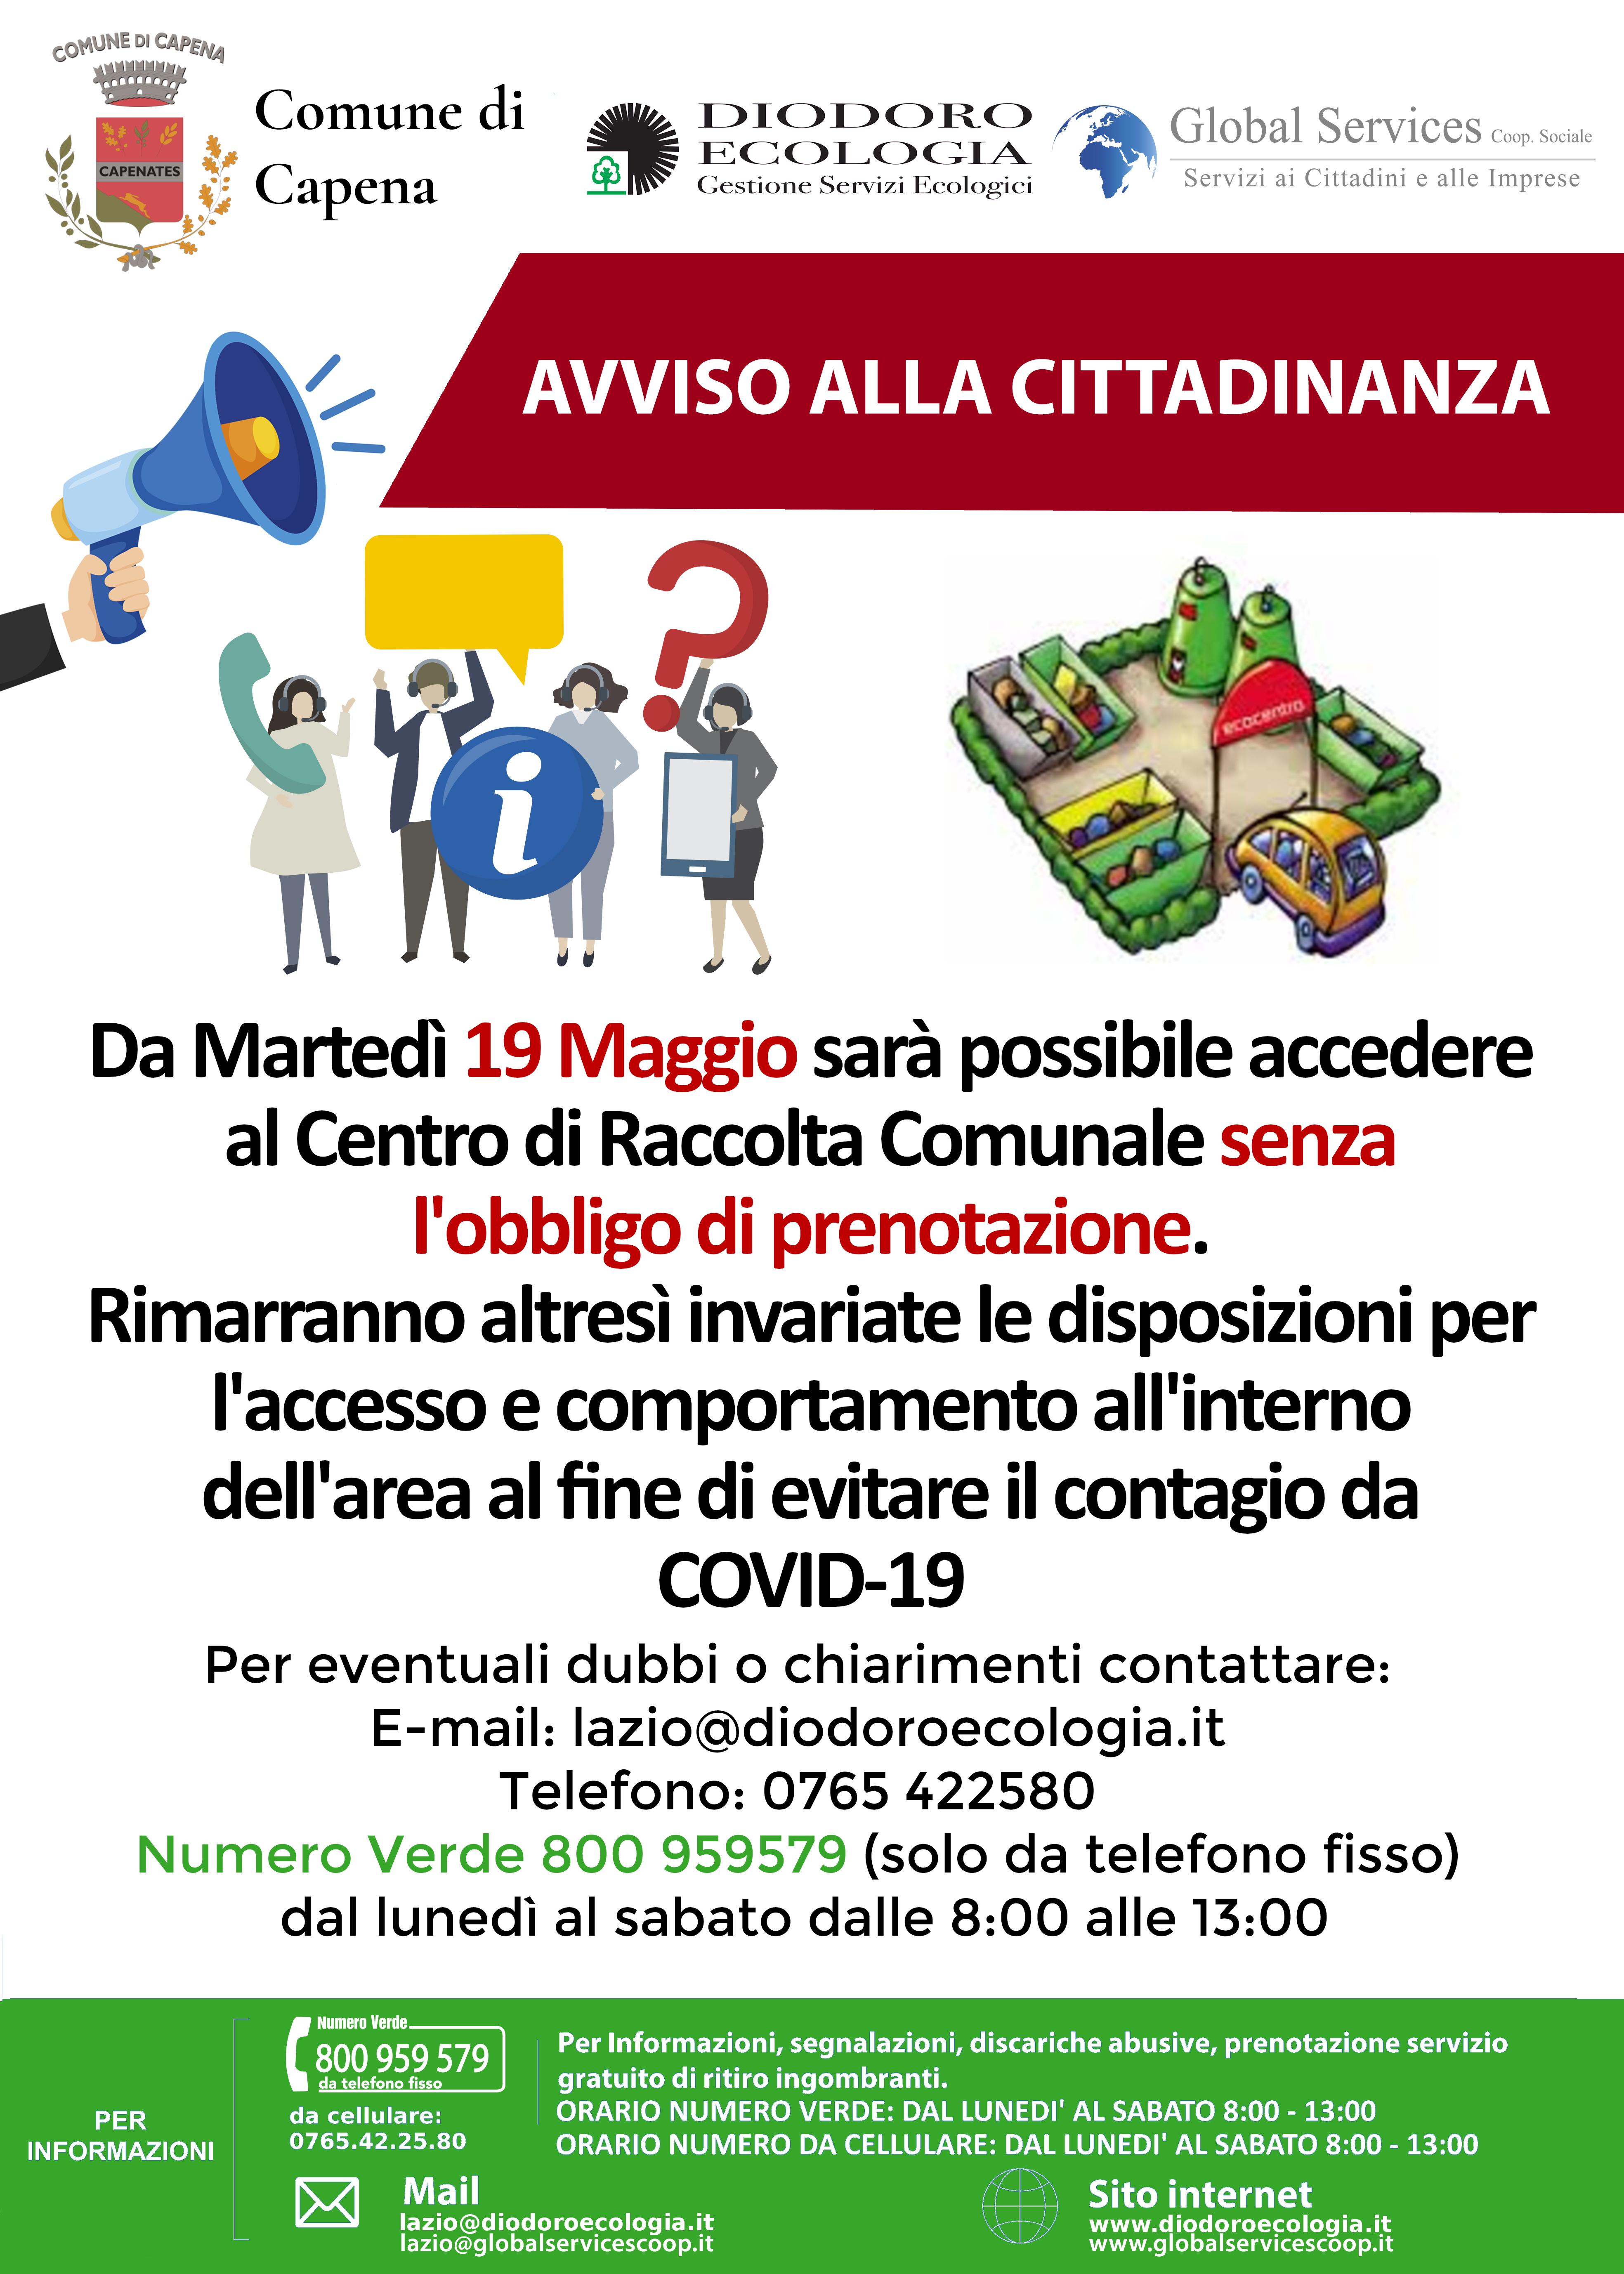 CAPENA: ACCESSO AL CENTRO DI RACCOLTA SENZA PRENOTAZIONE